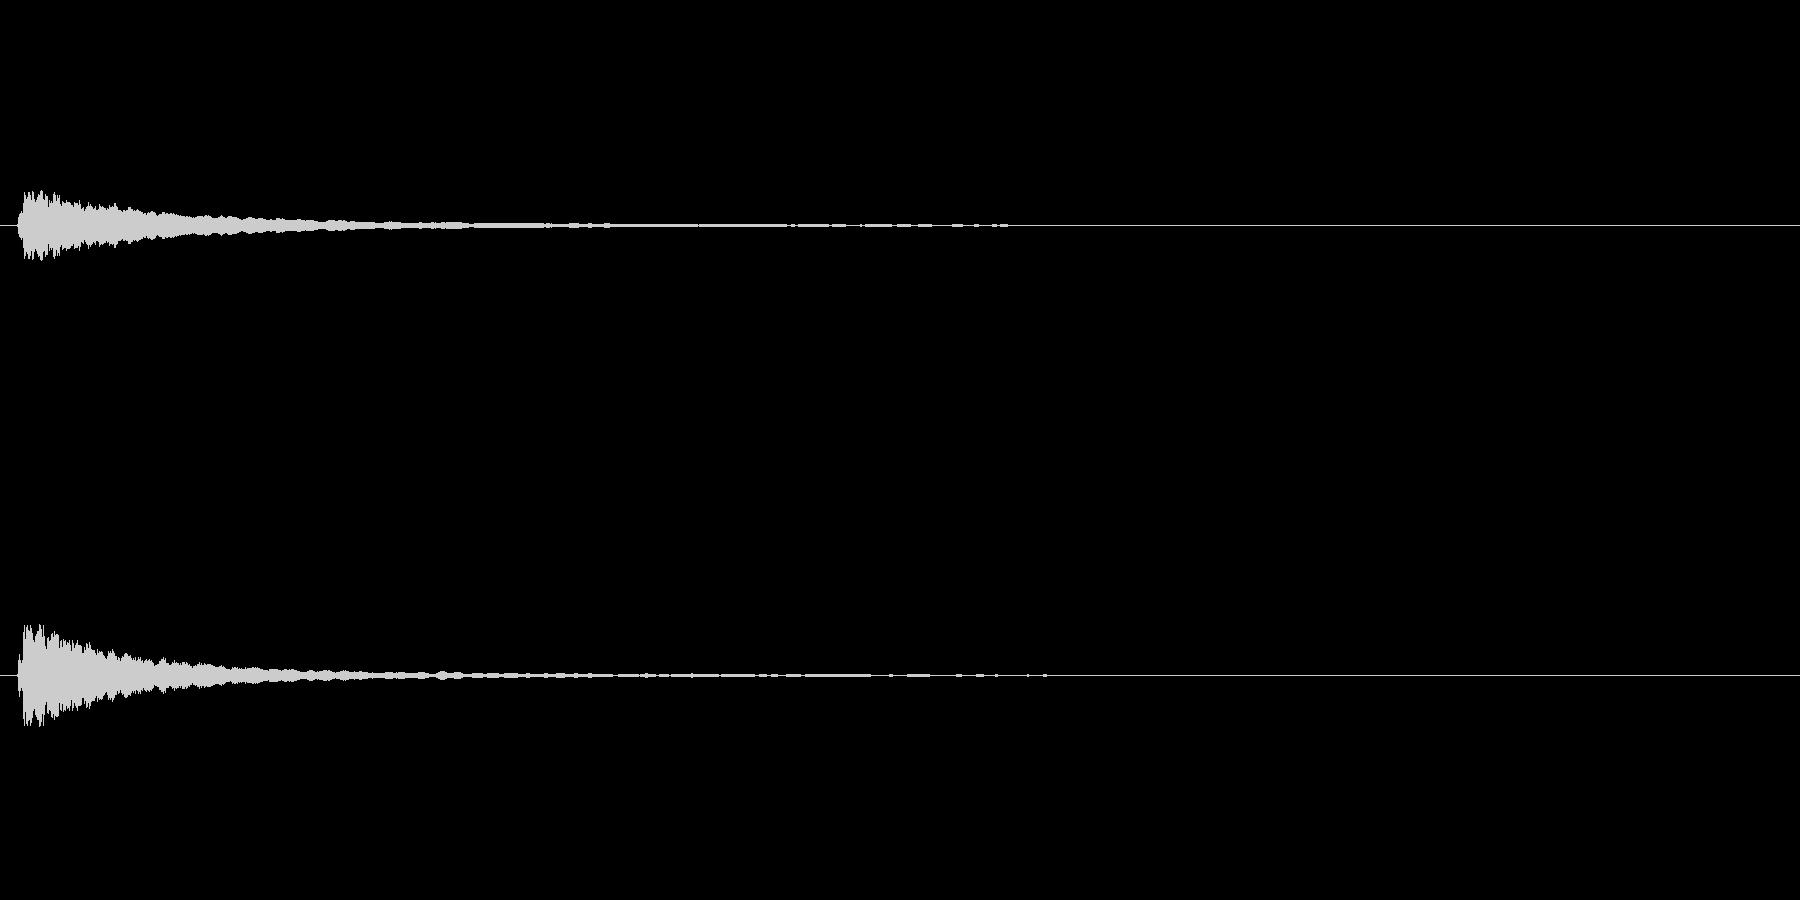 キラキラ系_051の未再生の波形